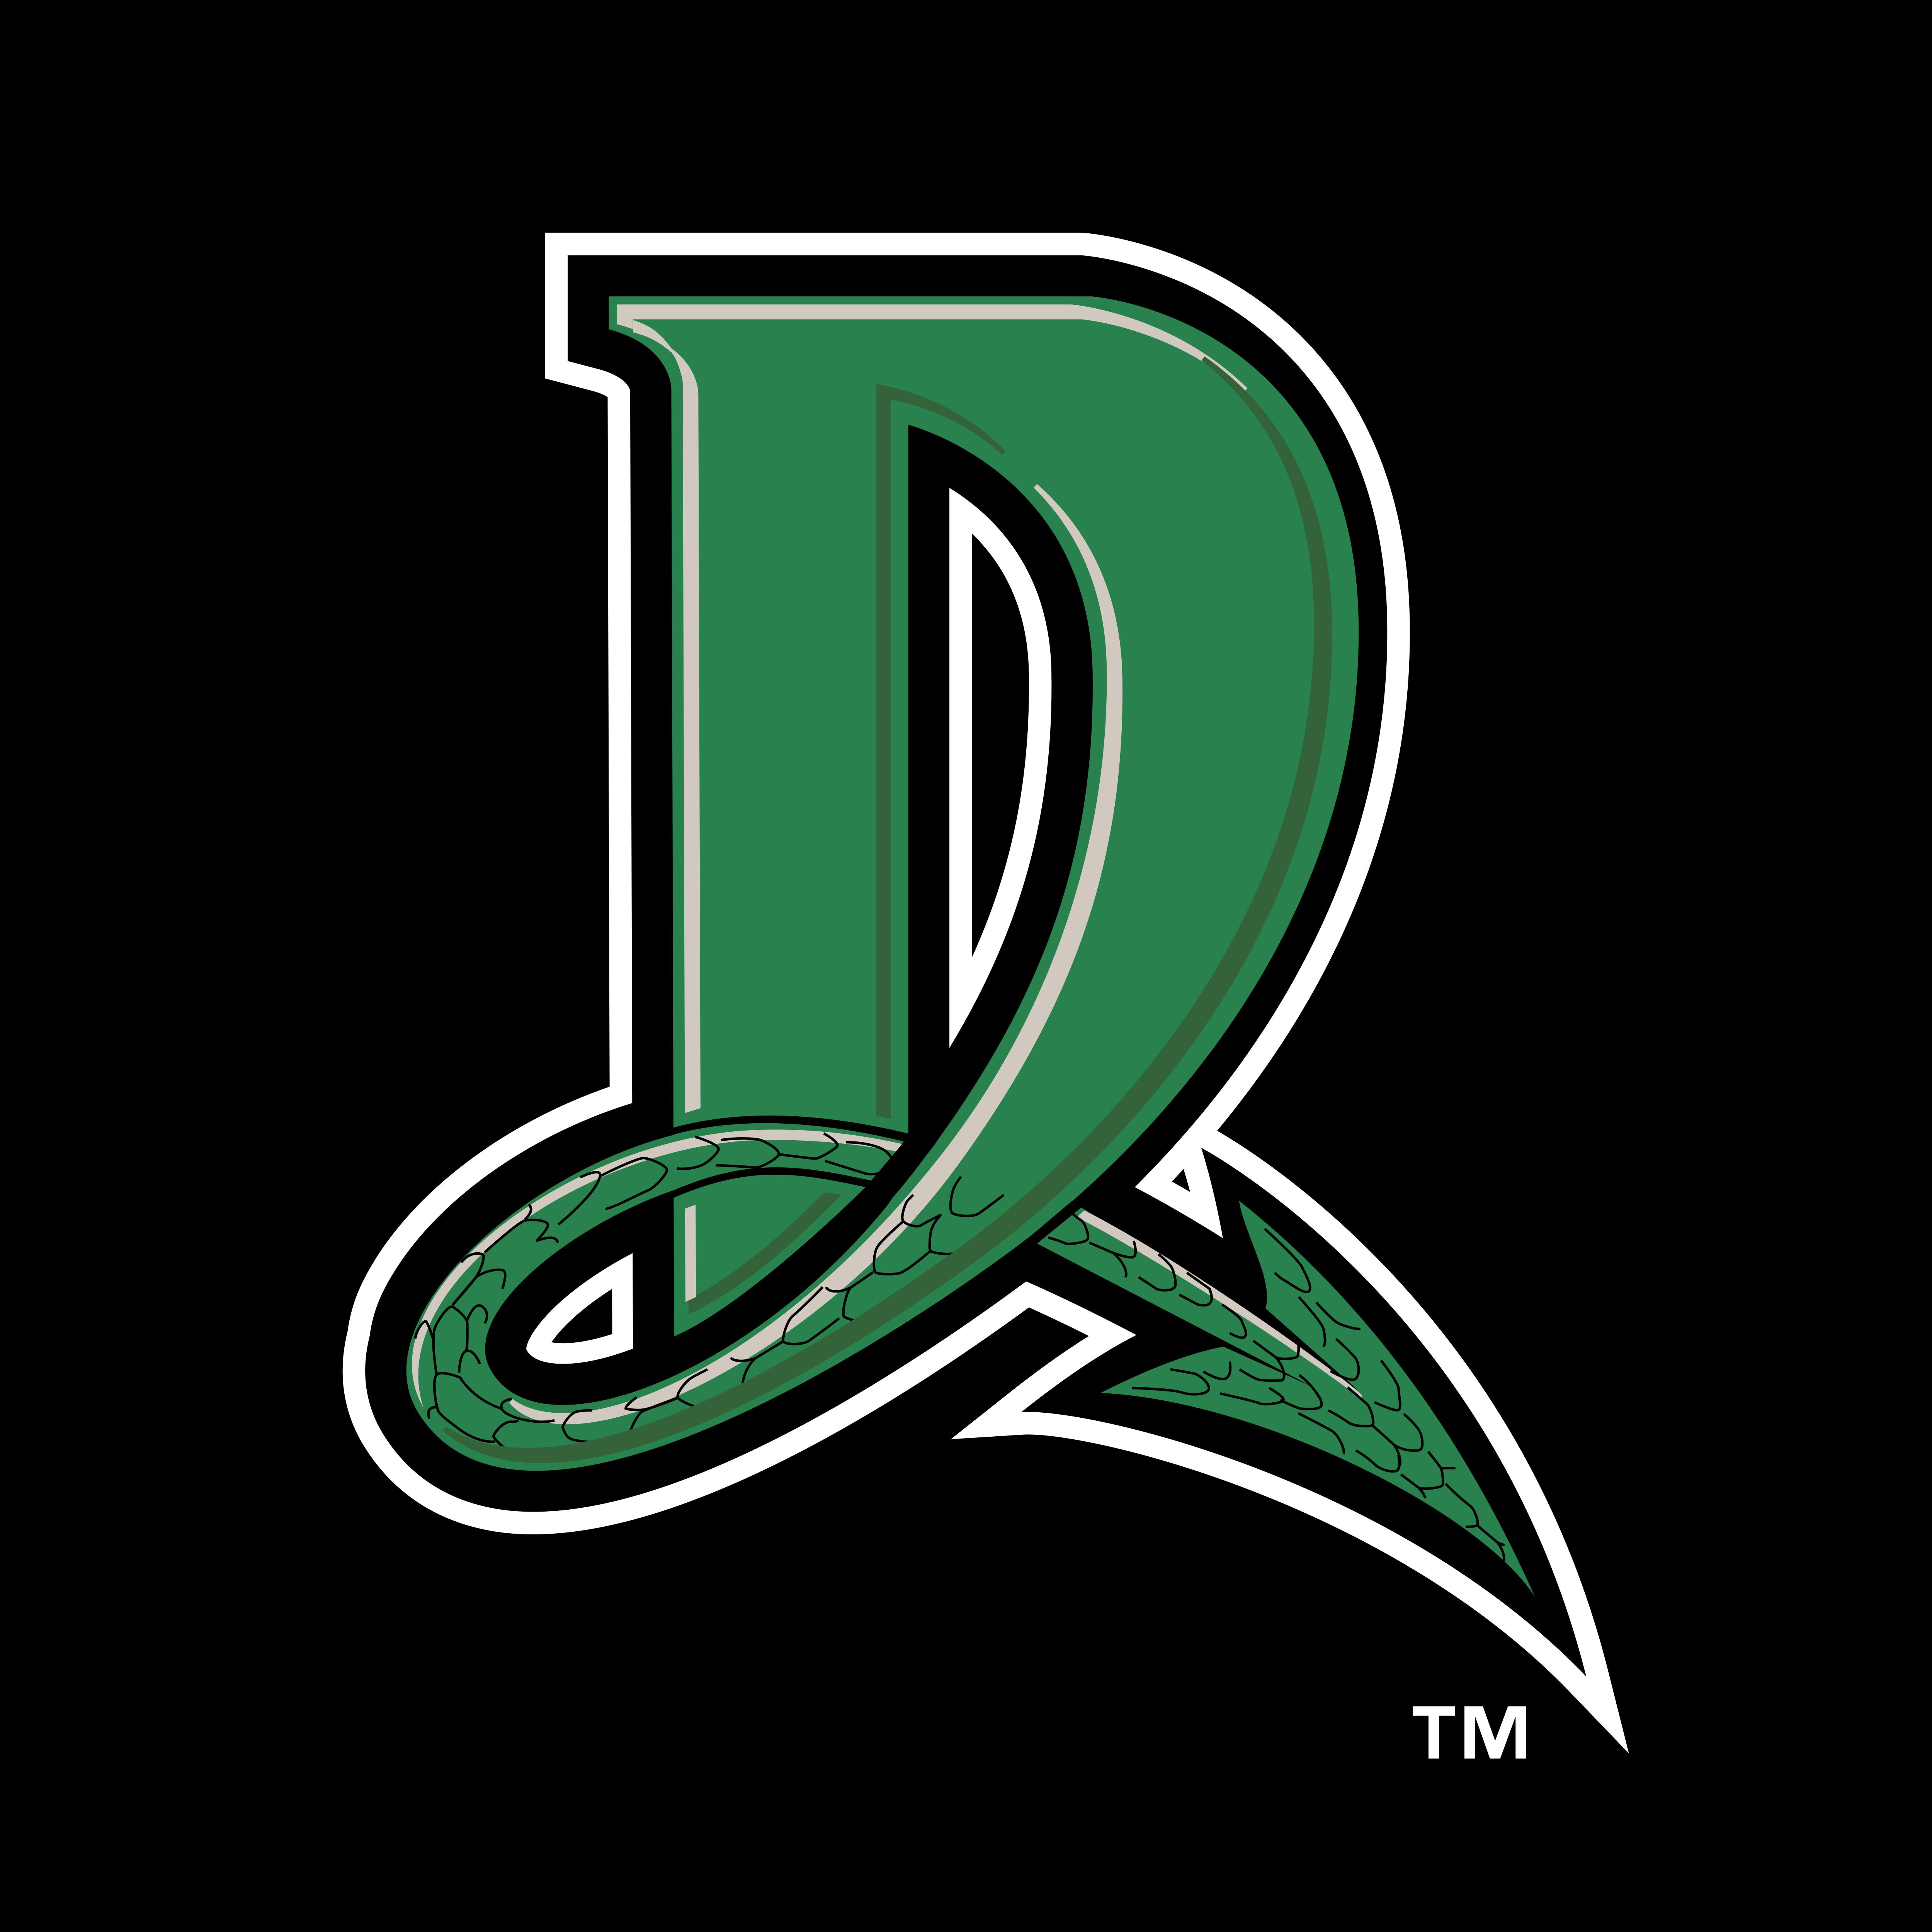 Dayton Dragons – Logos Download